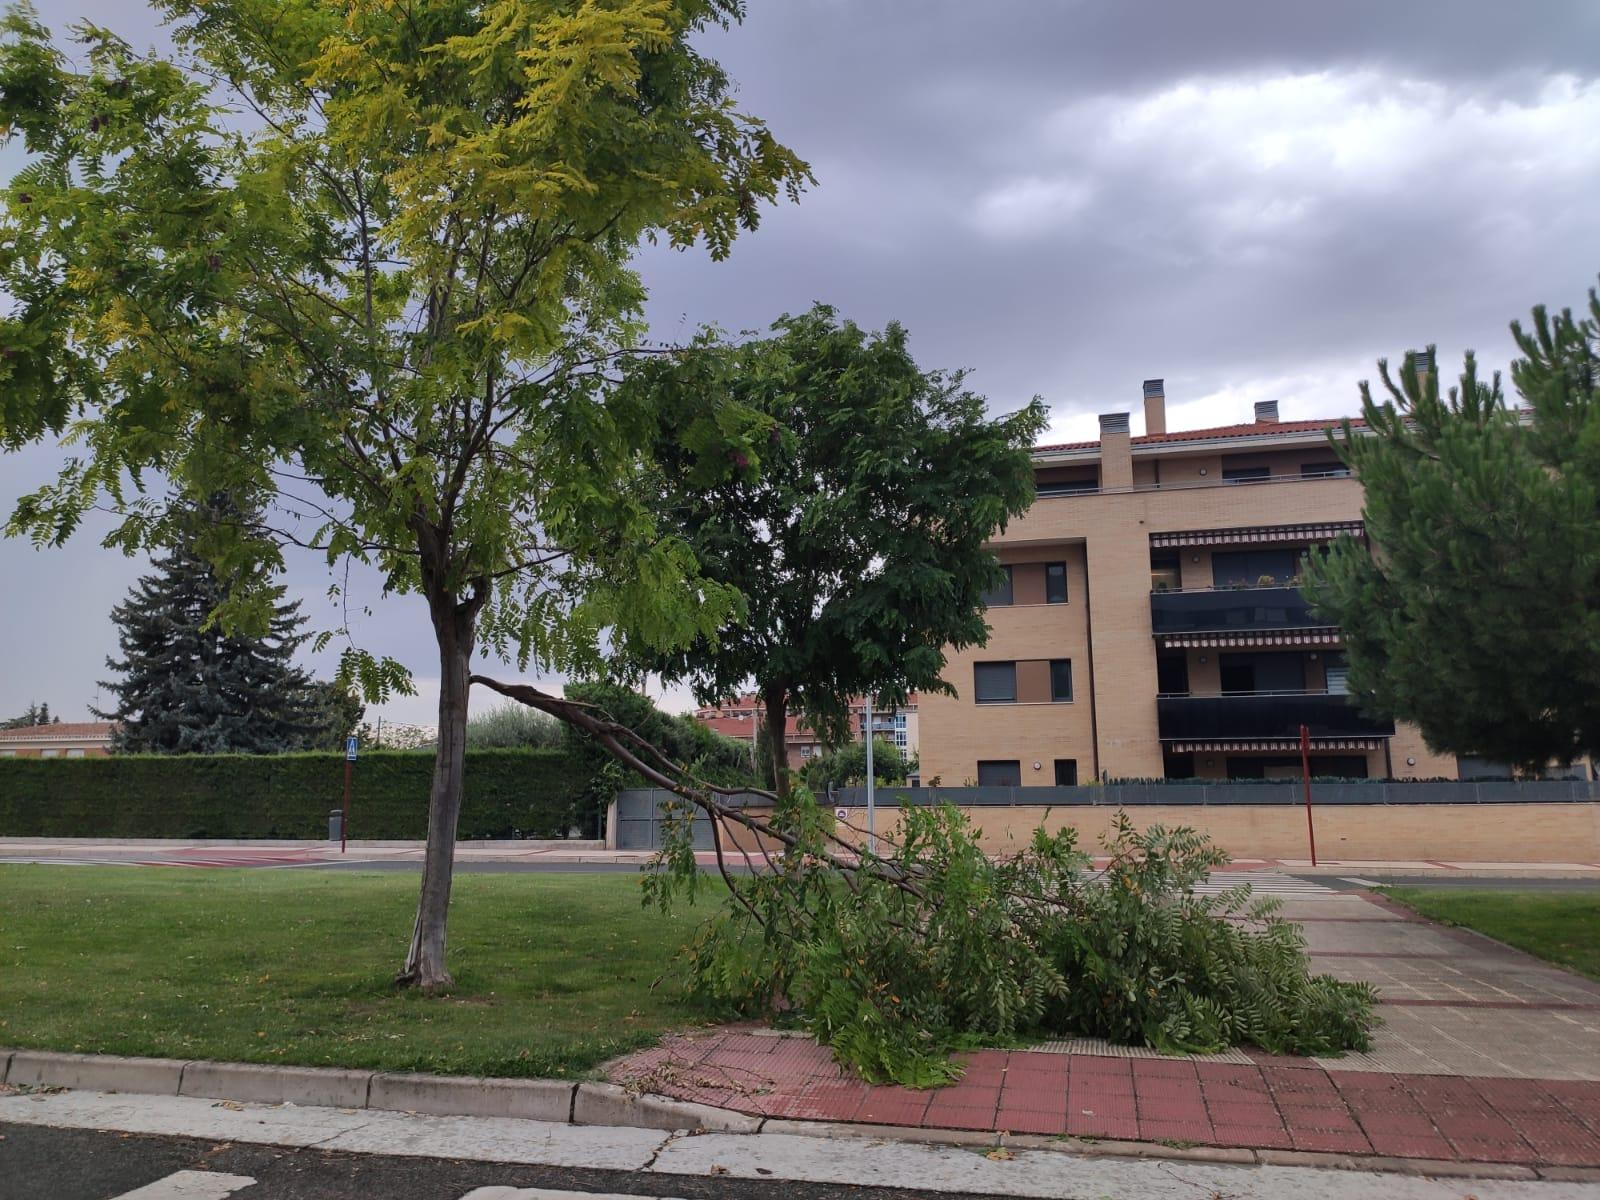 El viento volvió a romper ramas de árboles en la calle Federico García Lorca de Haro.